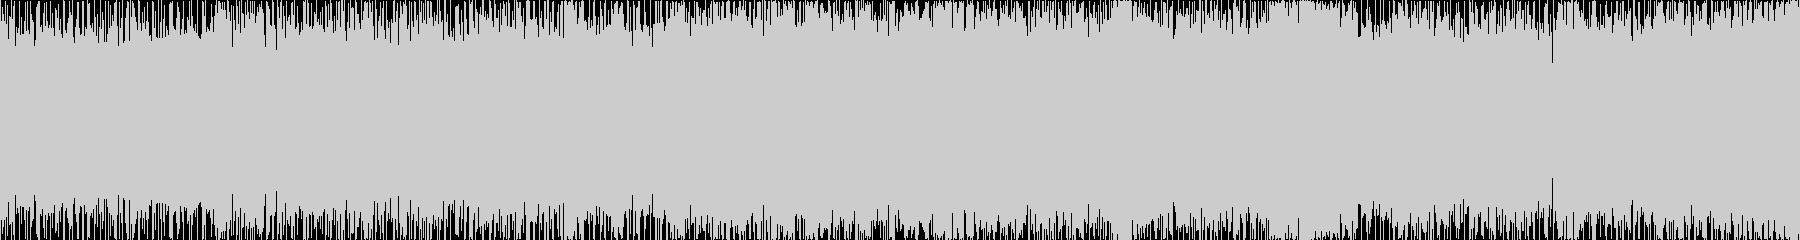 RPG戦闘曲風の激しいロック(ループ)の未再生の波形